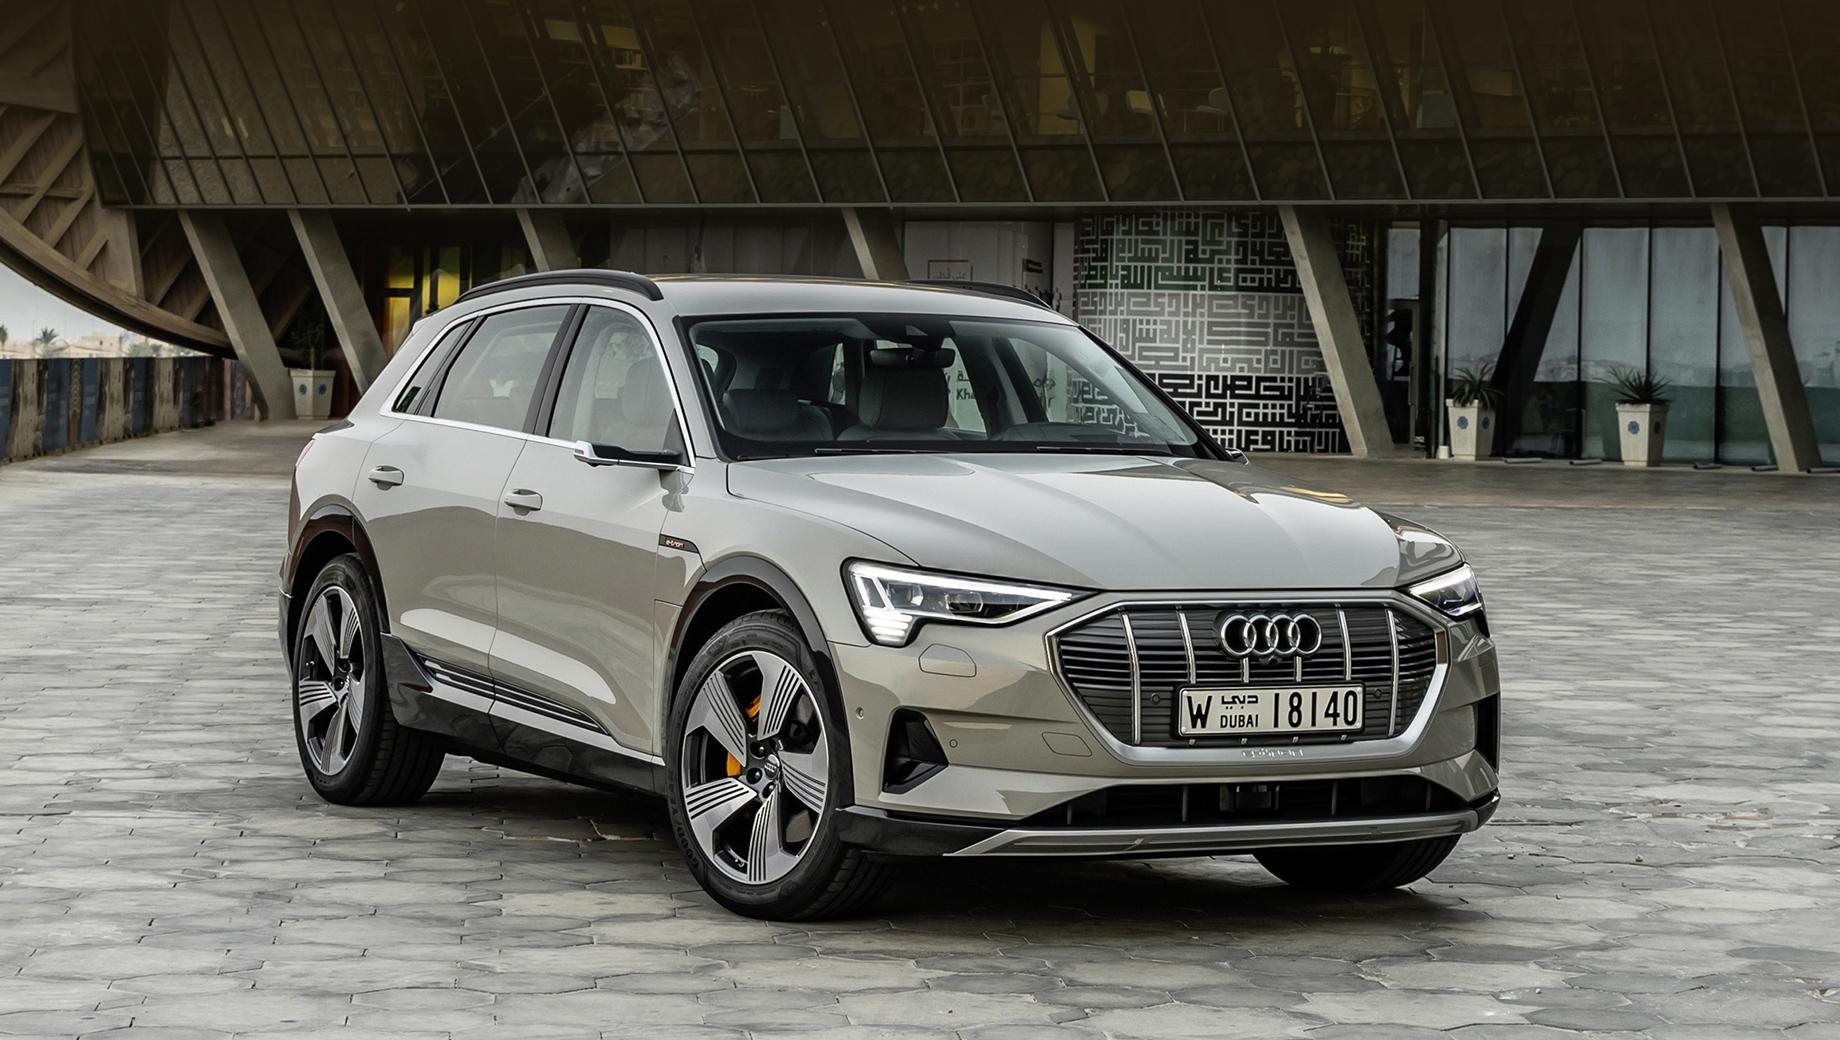 Audi q6,Audi q6 e-tron. Audi e-tron (на фото) появился в 2018 году. Сейчас у него два кузова (обычный и Sportback) и три модификации: 50 quattro (313 л.с., 540 Н•м, до 341 км по WLTP), 55 quattro (408 л.с., 664 Н•м, 436 км), S (503 л.с., 973 Н•м, 370 км).